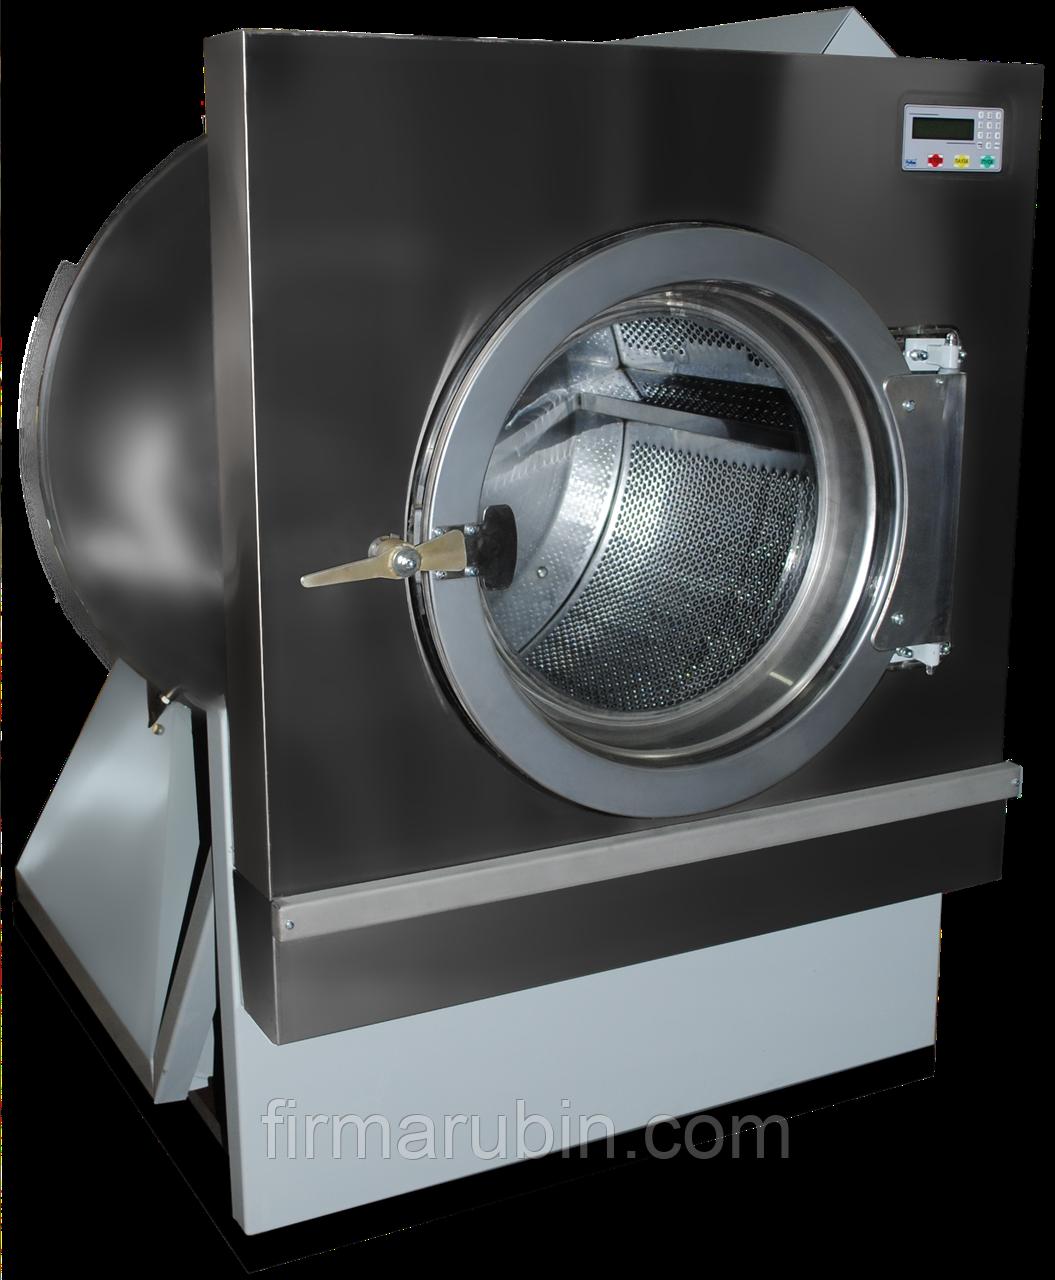 Промышленная стиральная машина СТ602